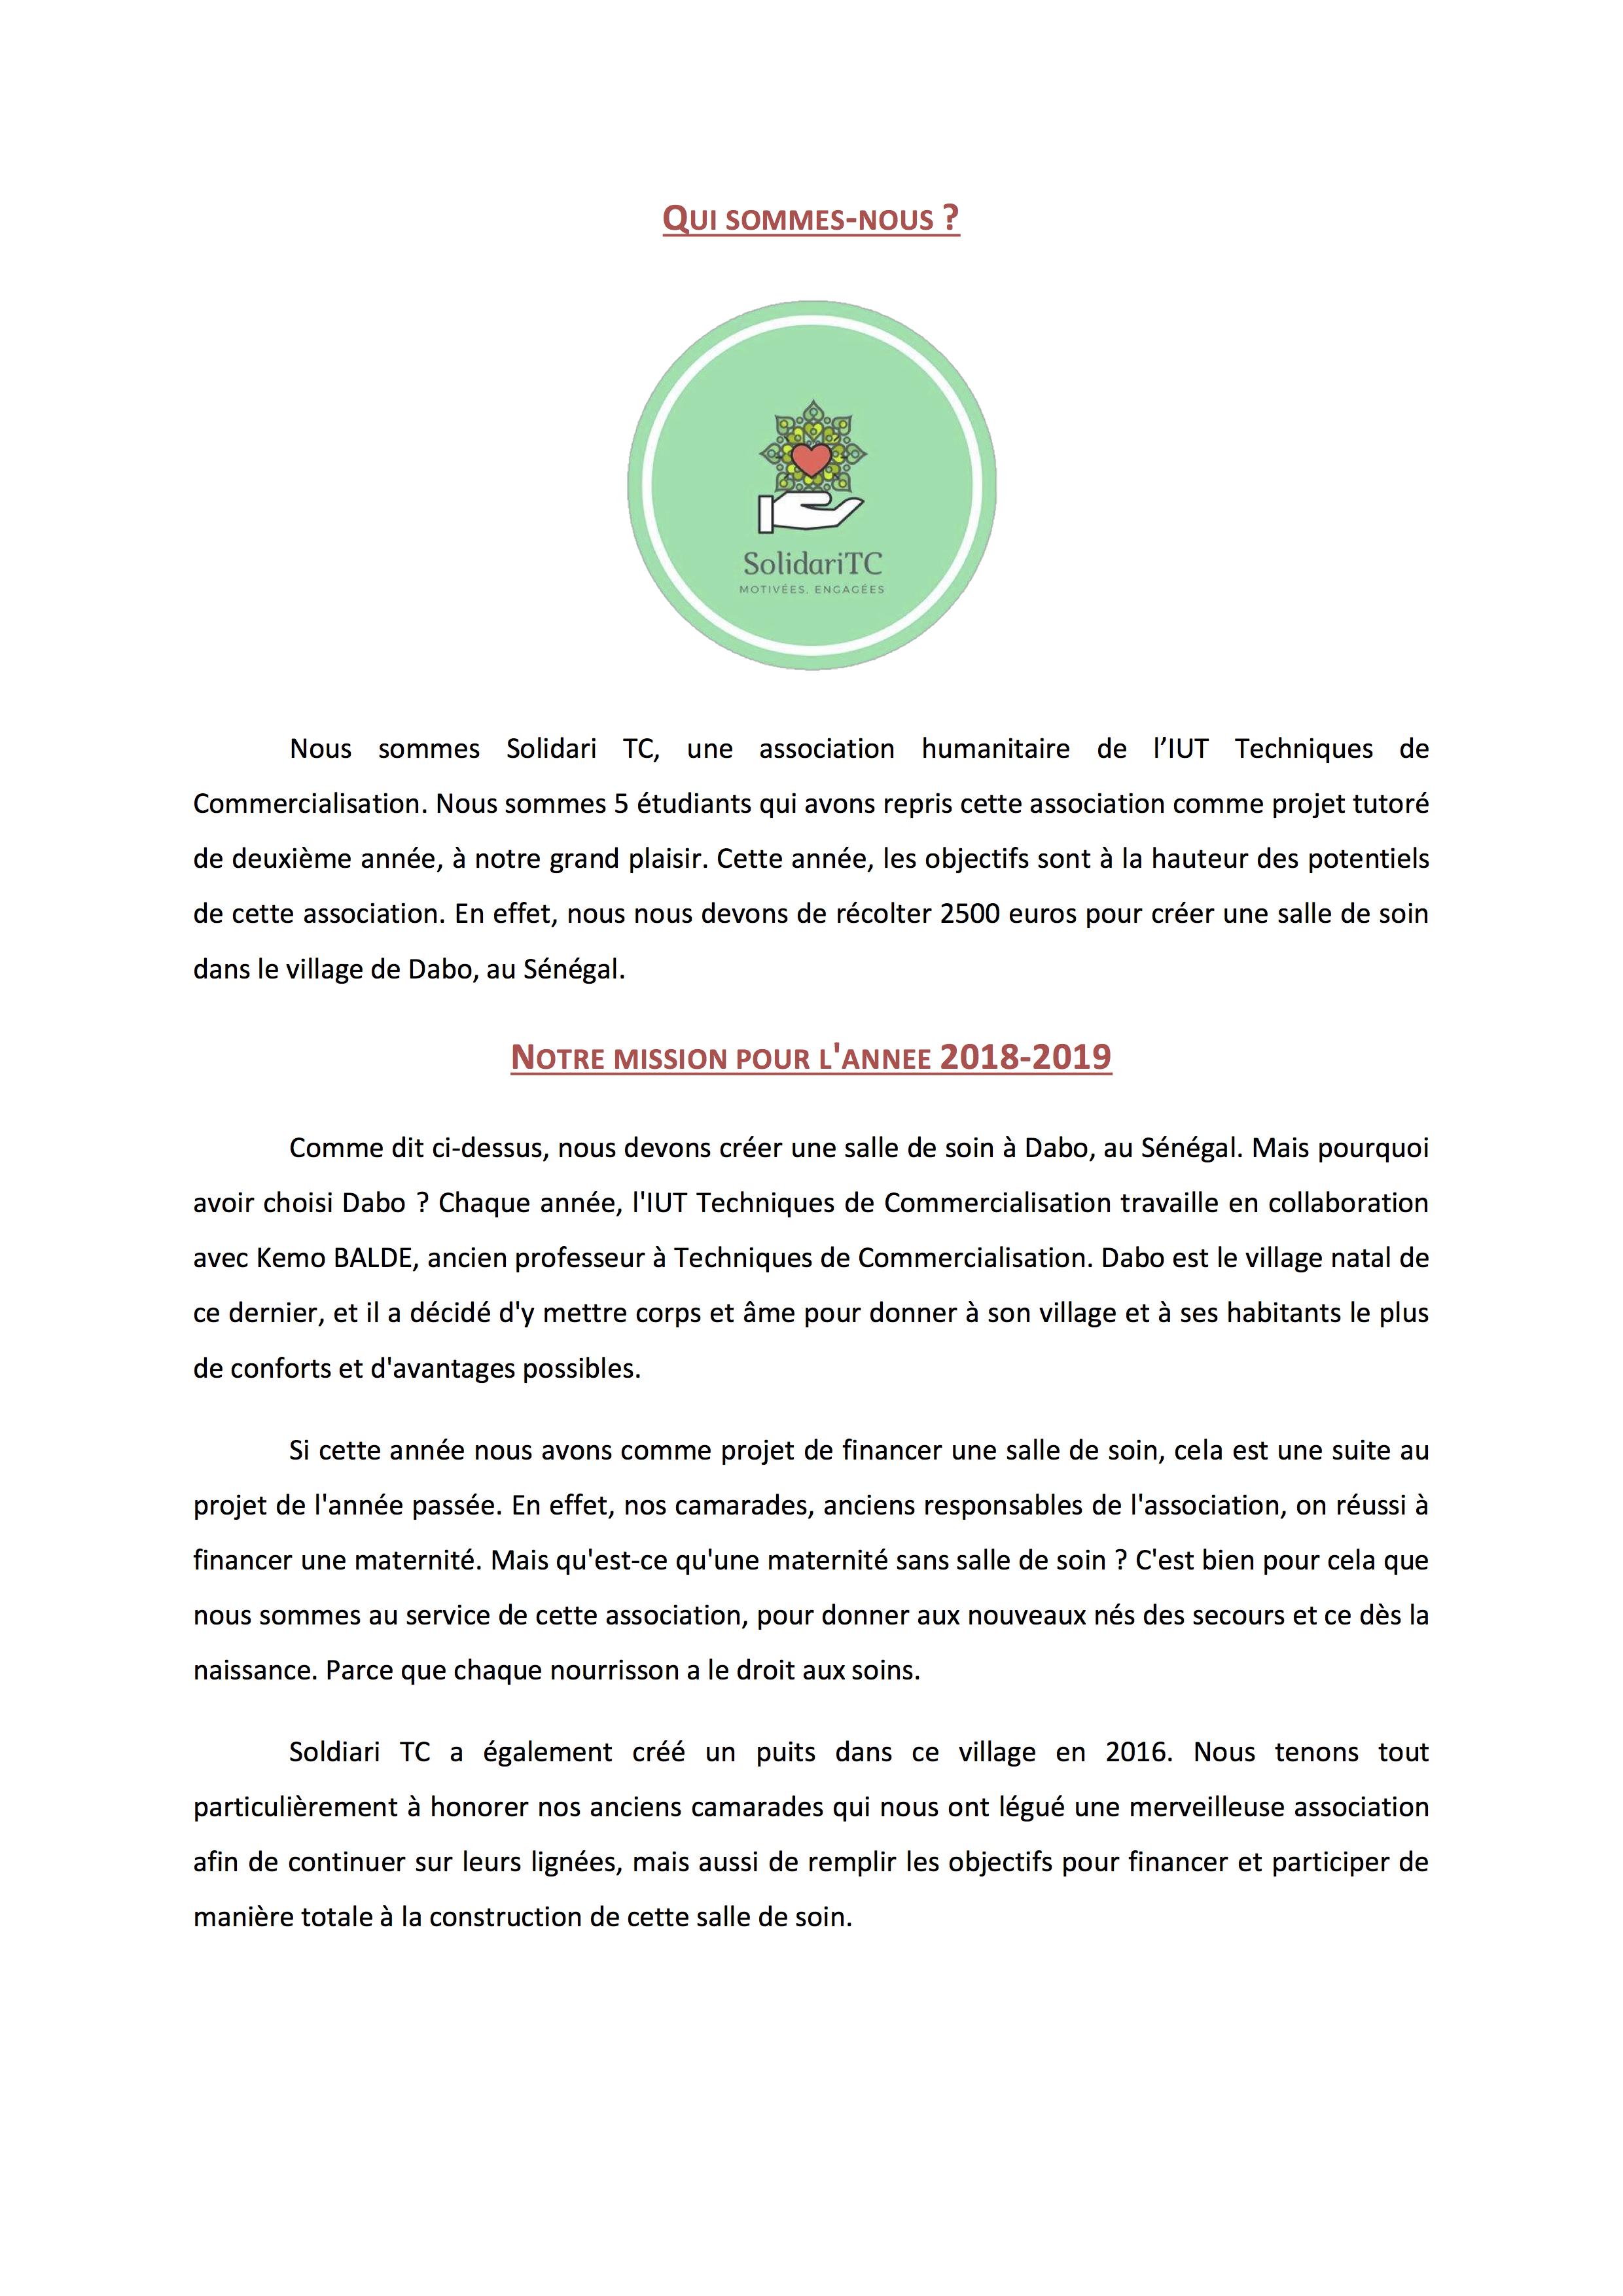 solidaritc-association-de-liut-techniques-de-commercialisation_partie1